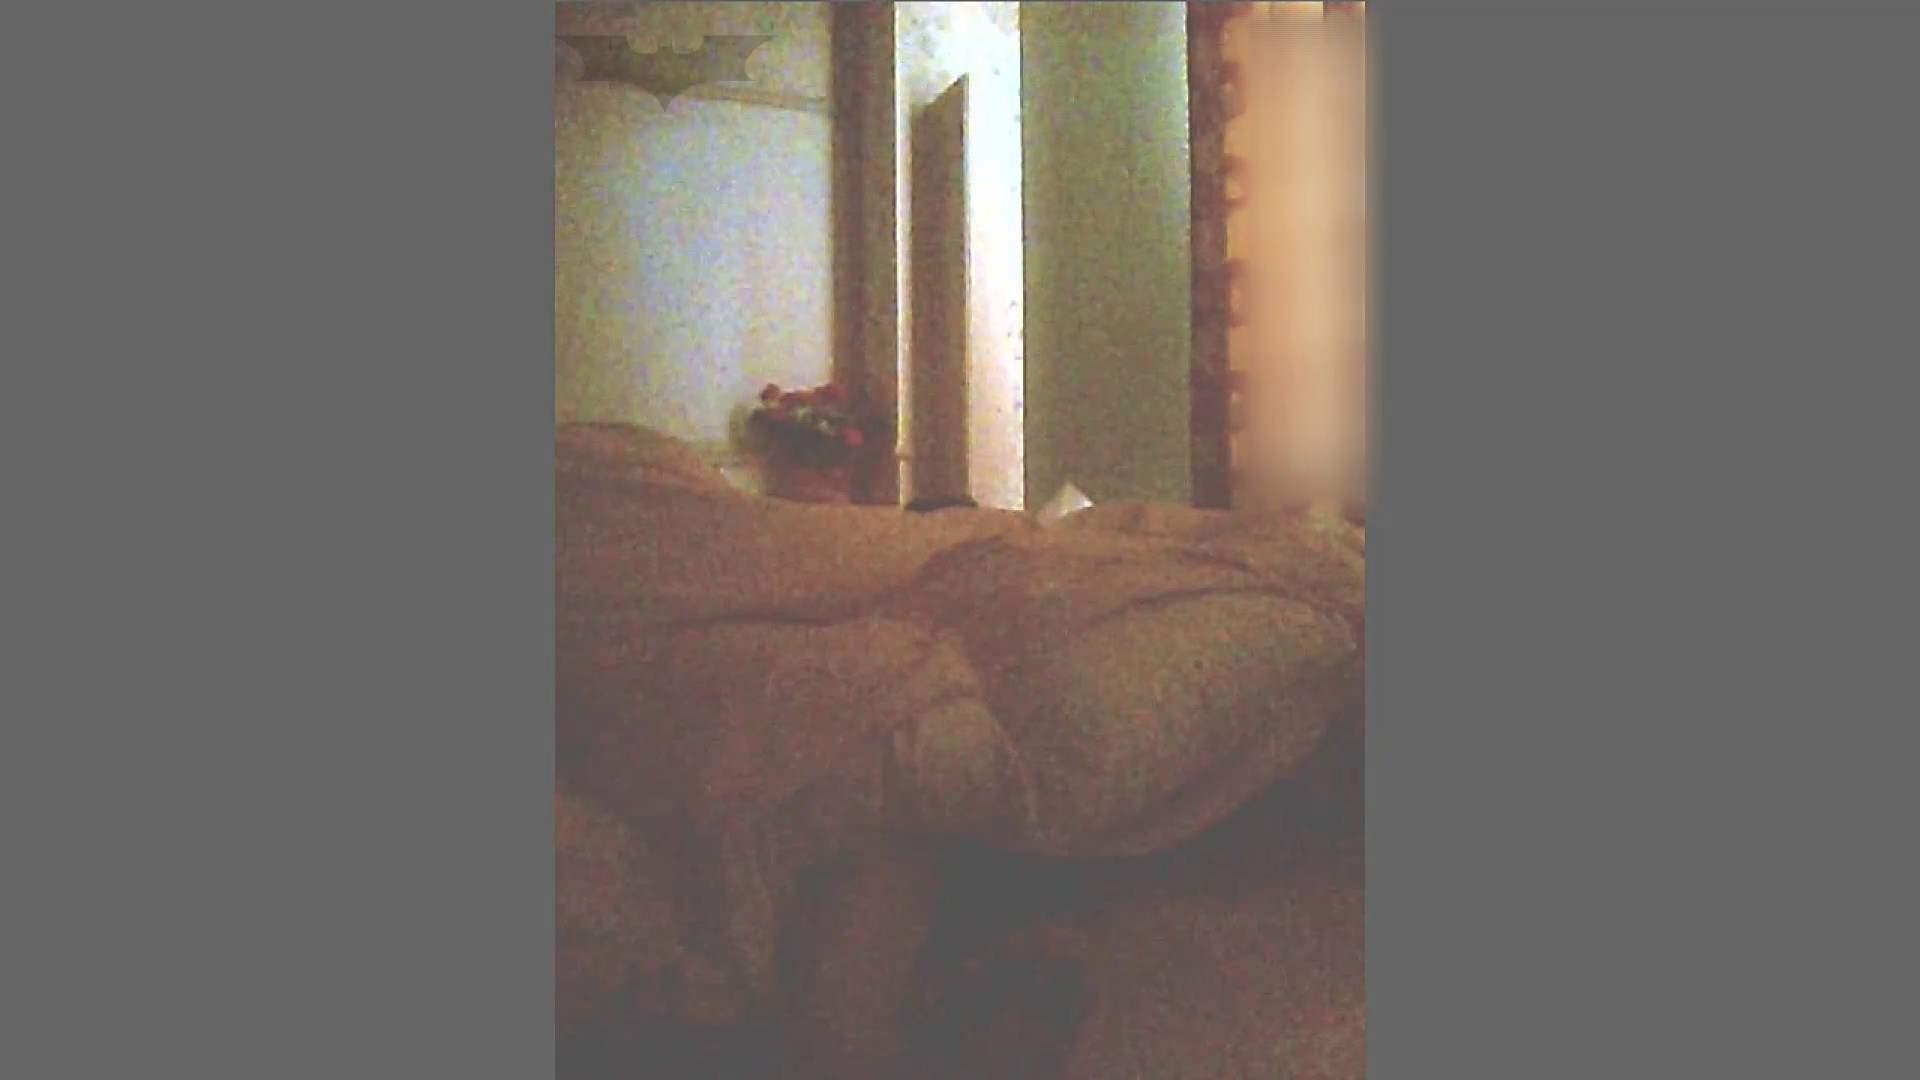 盗撮おまんこ|(注)の せっくす    処女喪失現場(シリーズ 7人目)  Vol.45|怪盗ジョーカー